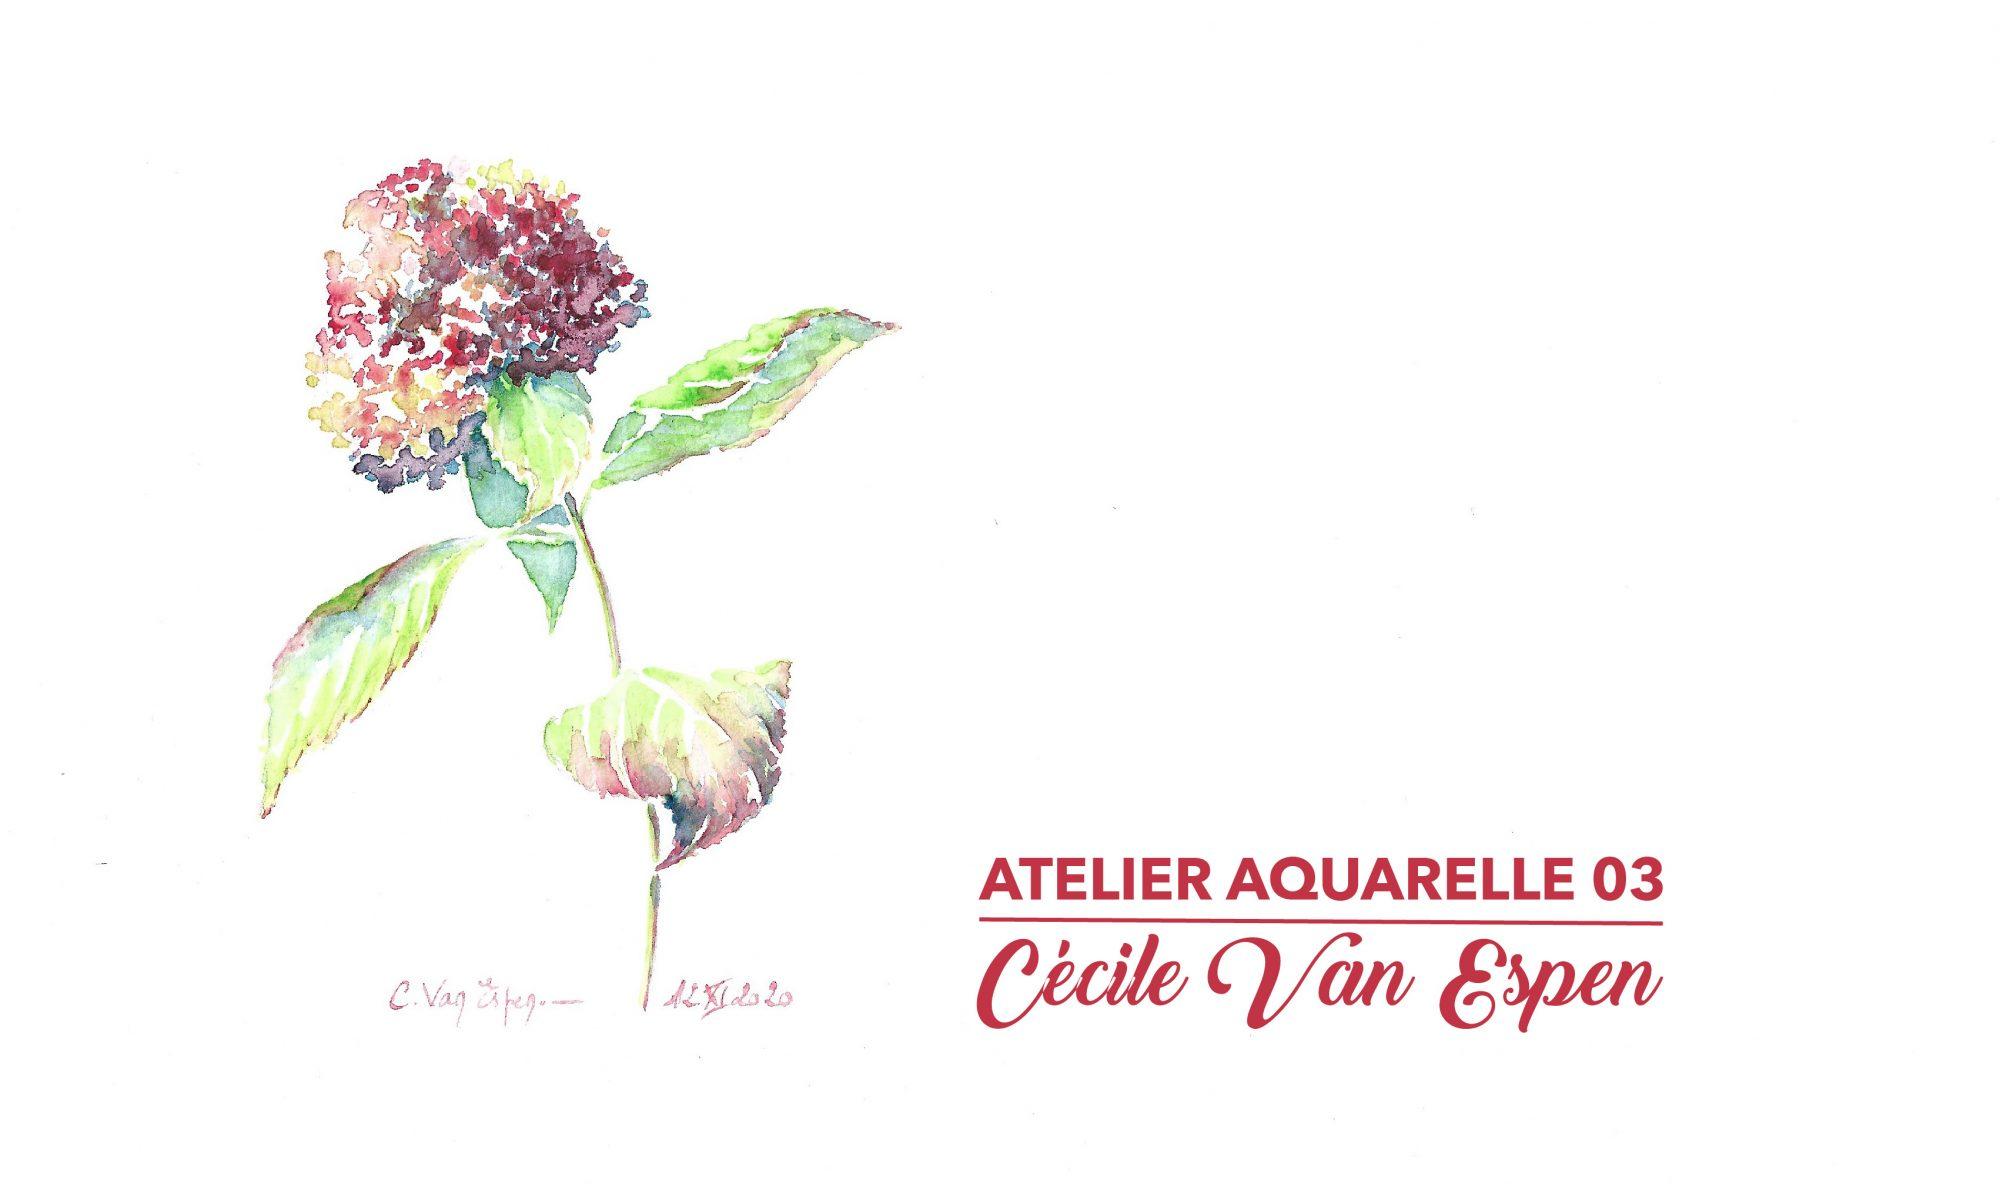 Hortensia, visuel de présentation de l'atelier aquarelle 03, il s'agit d'une fleur d'hortensia, placée sur la gauche de l'image et sur toute la hauteur. La boule de fleurons a des tonalités qui oscillent du rose au vert en passant par l'ocre. Les feuilles sont vertes avec les reflets roses sur la dentelure.